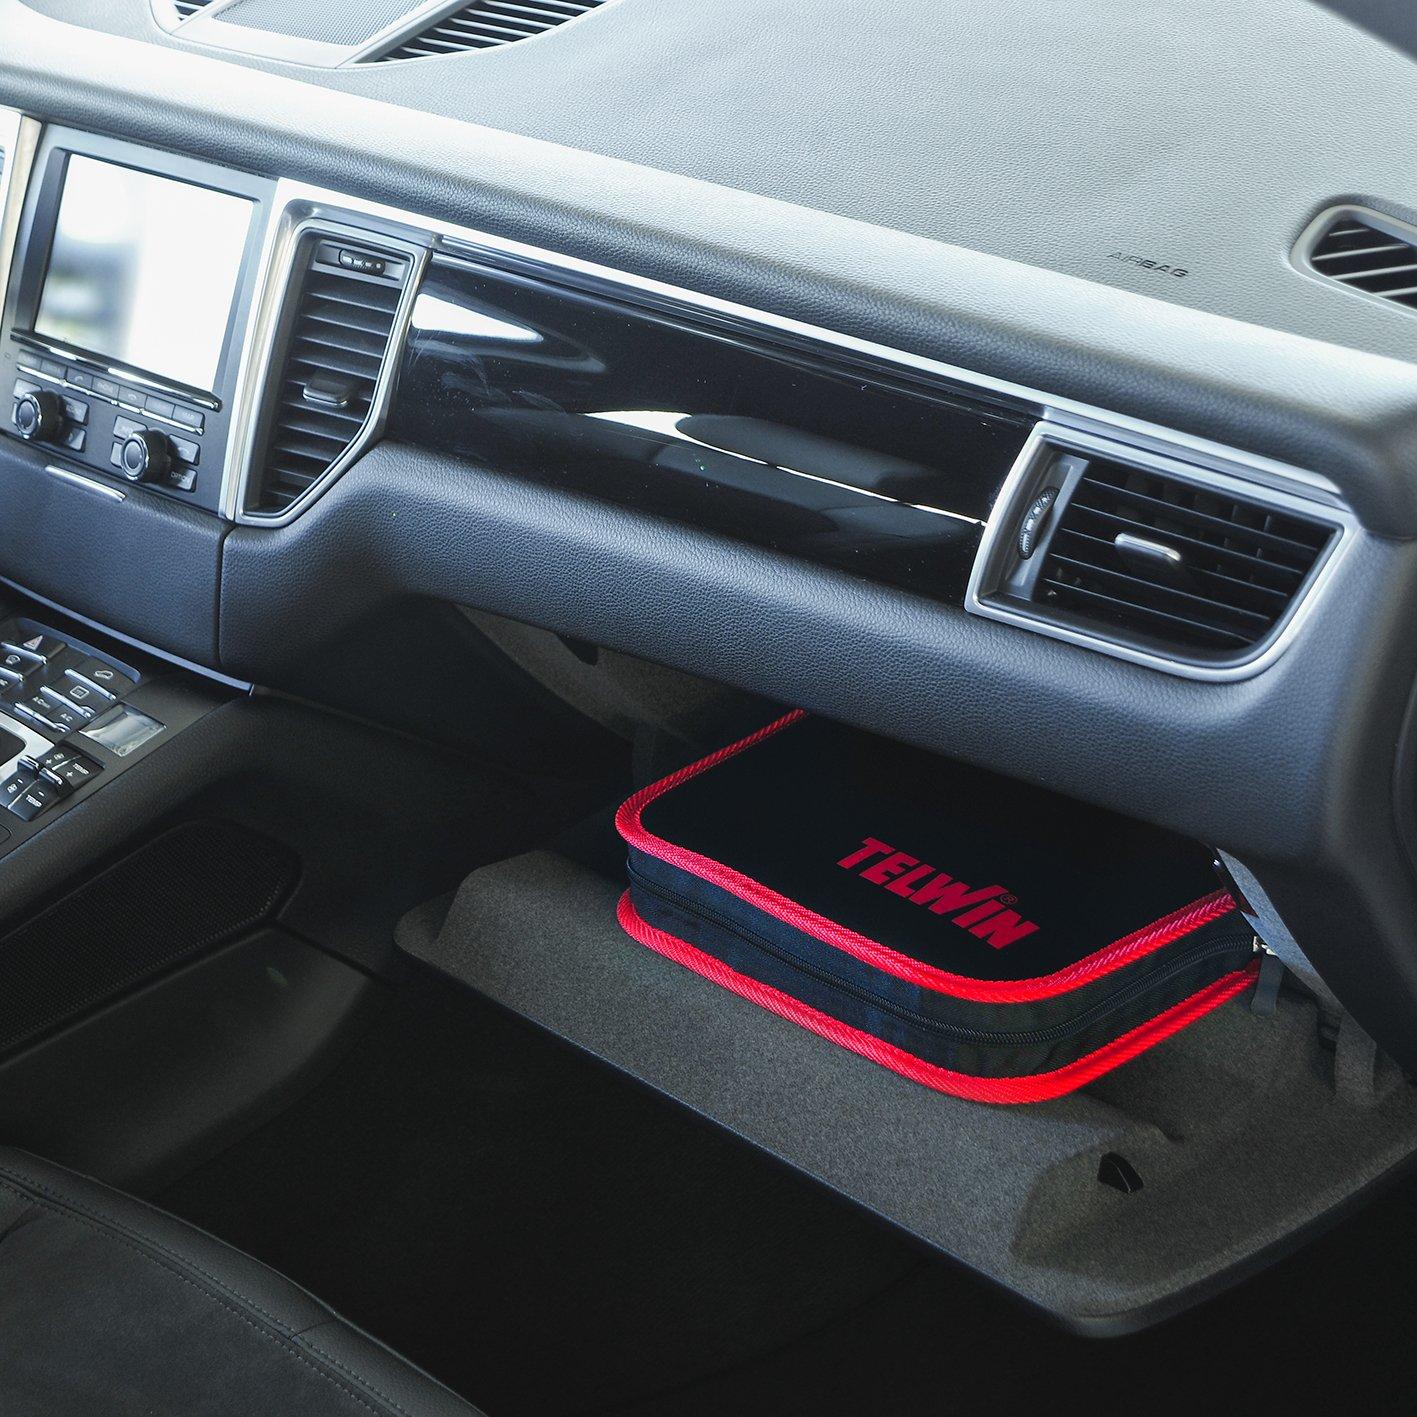 Telwin Drive 9000 Avviatore Compatto al Litio 12V /& Power Bank Rosso